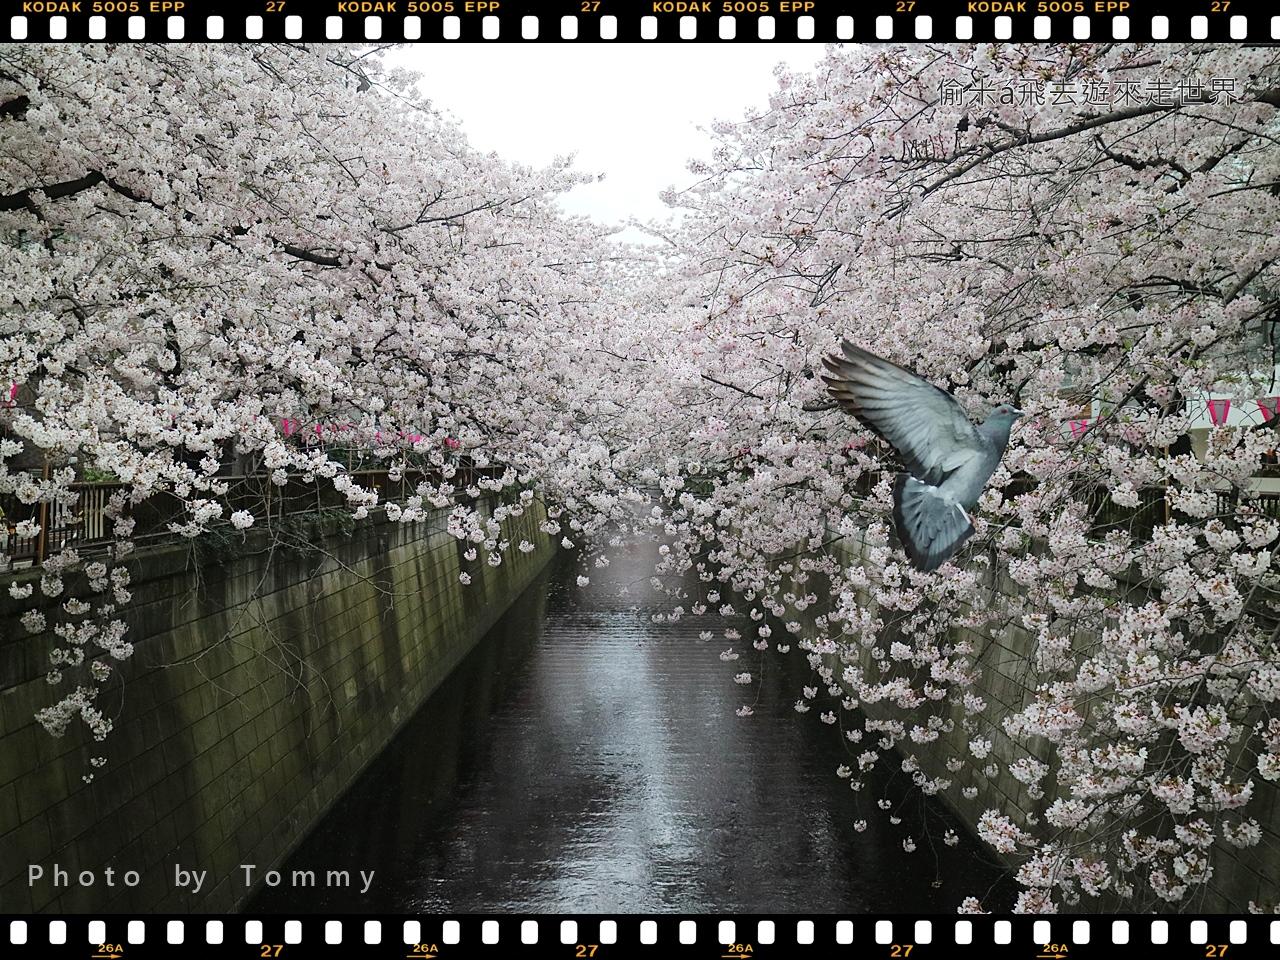 [東京賞櫻] 關東第一人氣賞櫻景點-目黑川櫻花 (中目黑-目黑段)